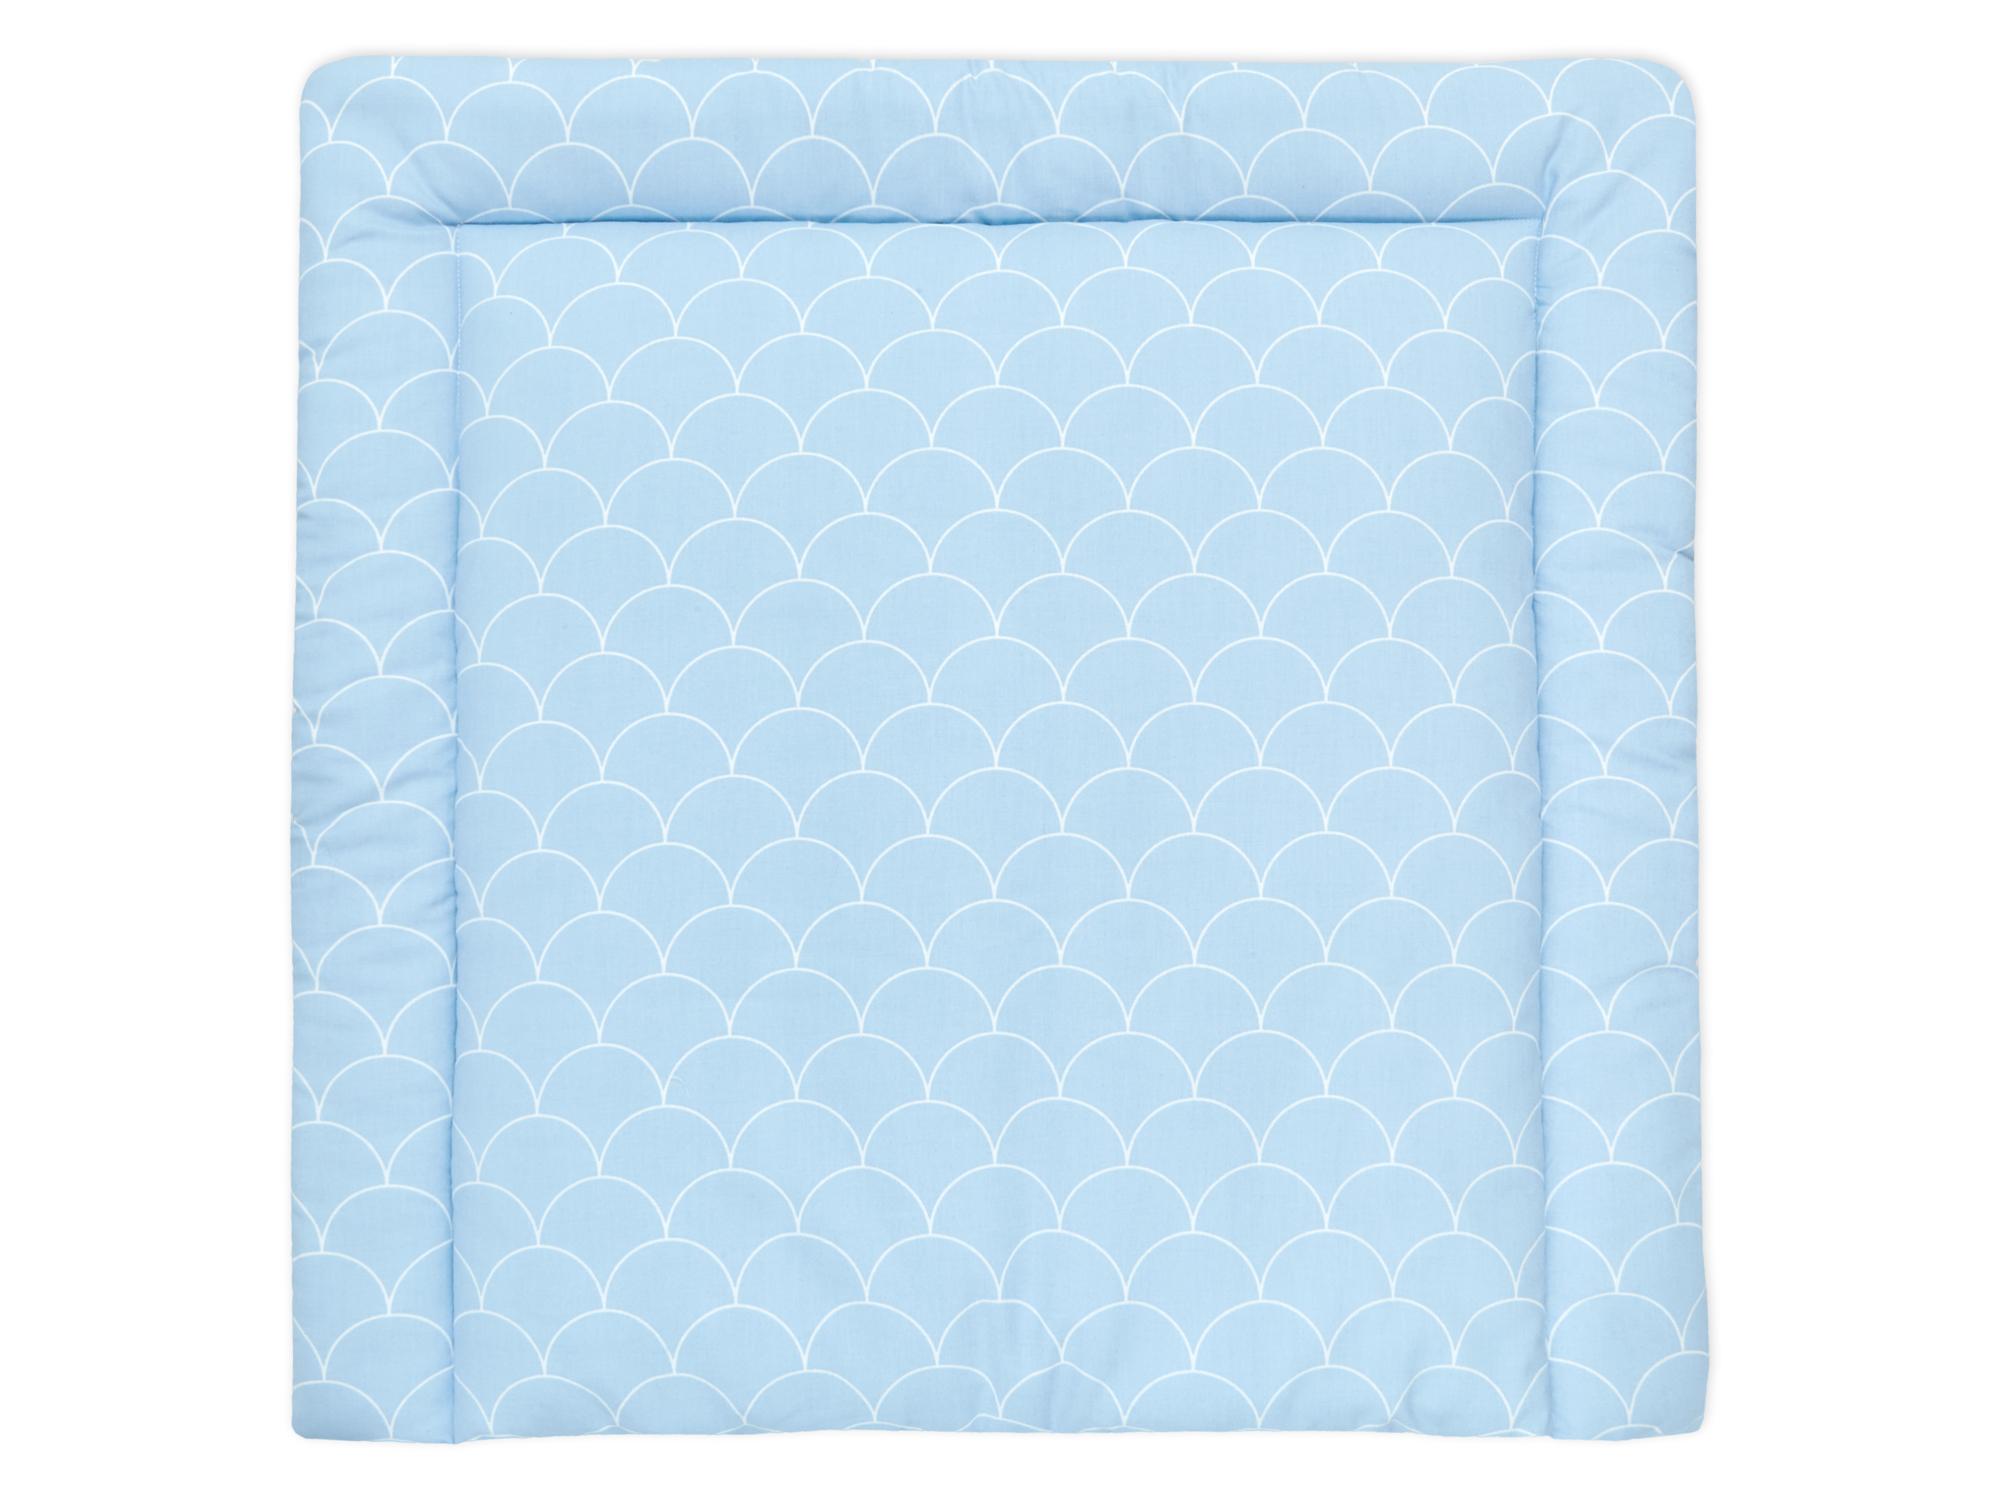 kraftkids wickelauflage wei e halbkreise auf pastelblau breit 60 x tief 70 cm passend f r. Black Bedroom Furniture Sets. Home Design Ideas